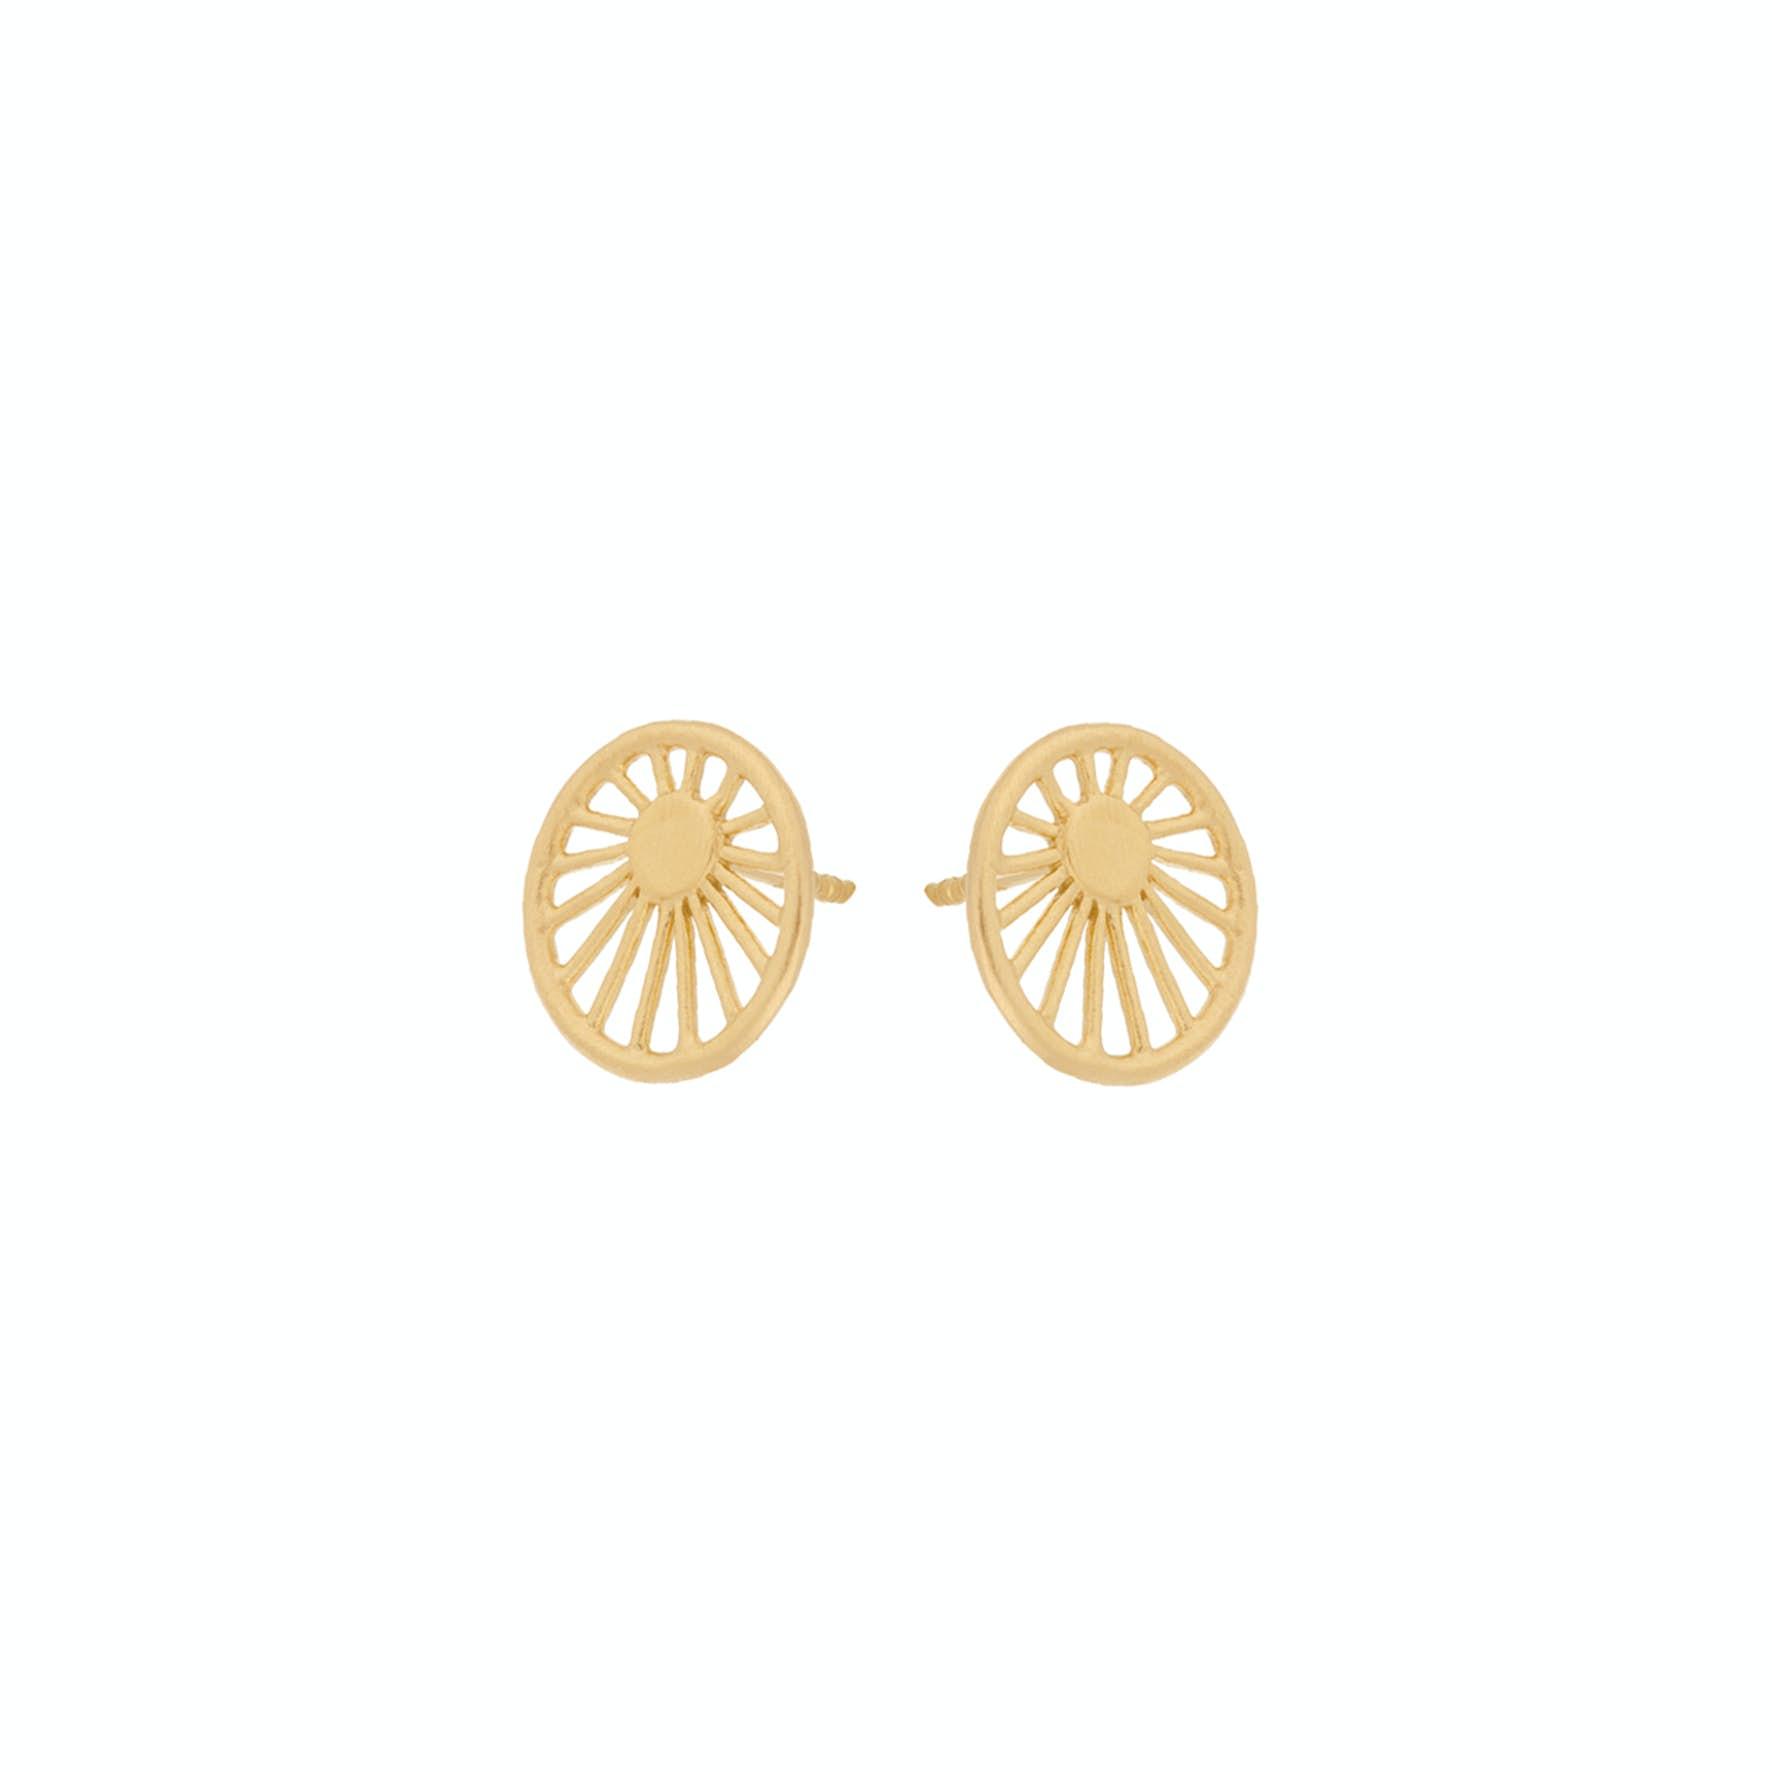 Daydream Earsticks fra Pernille Corydon i Forgyldt-Sølv Sterling 925